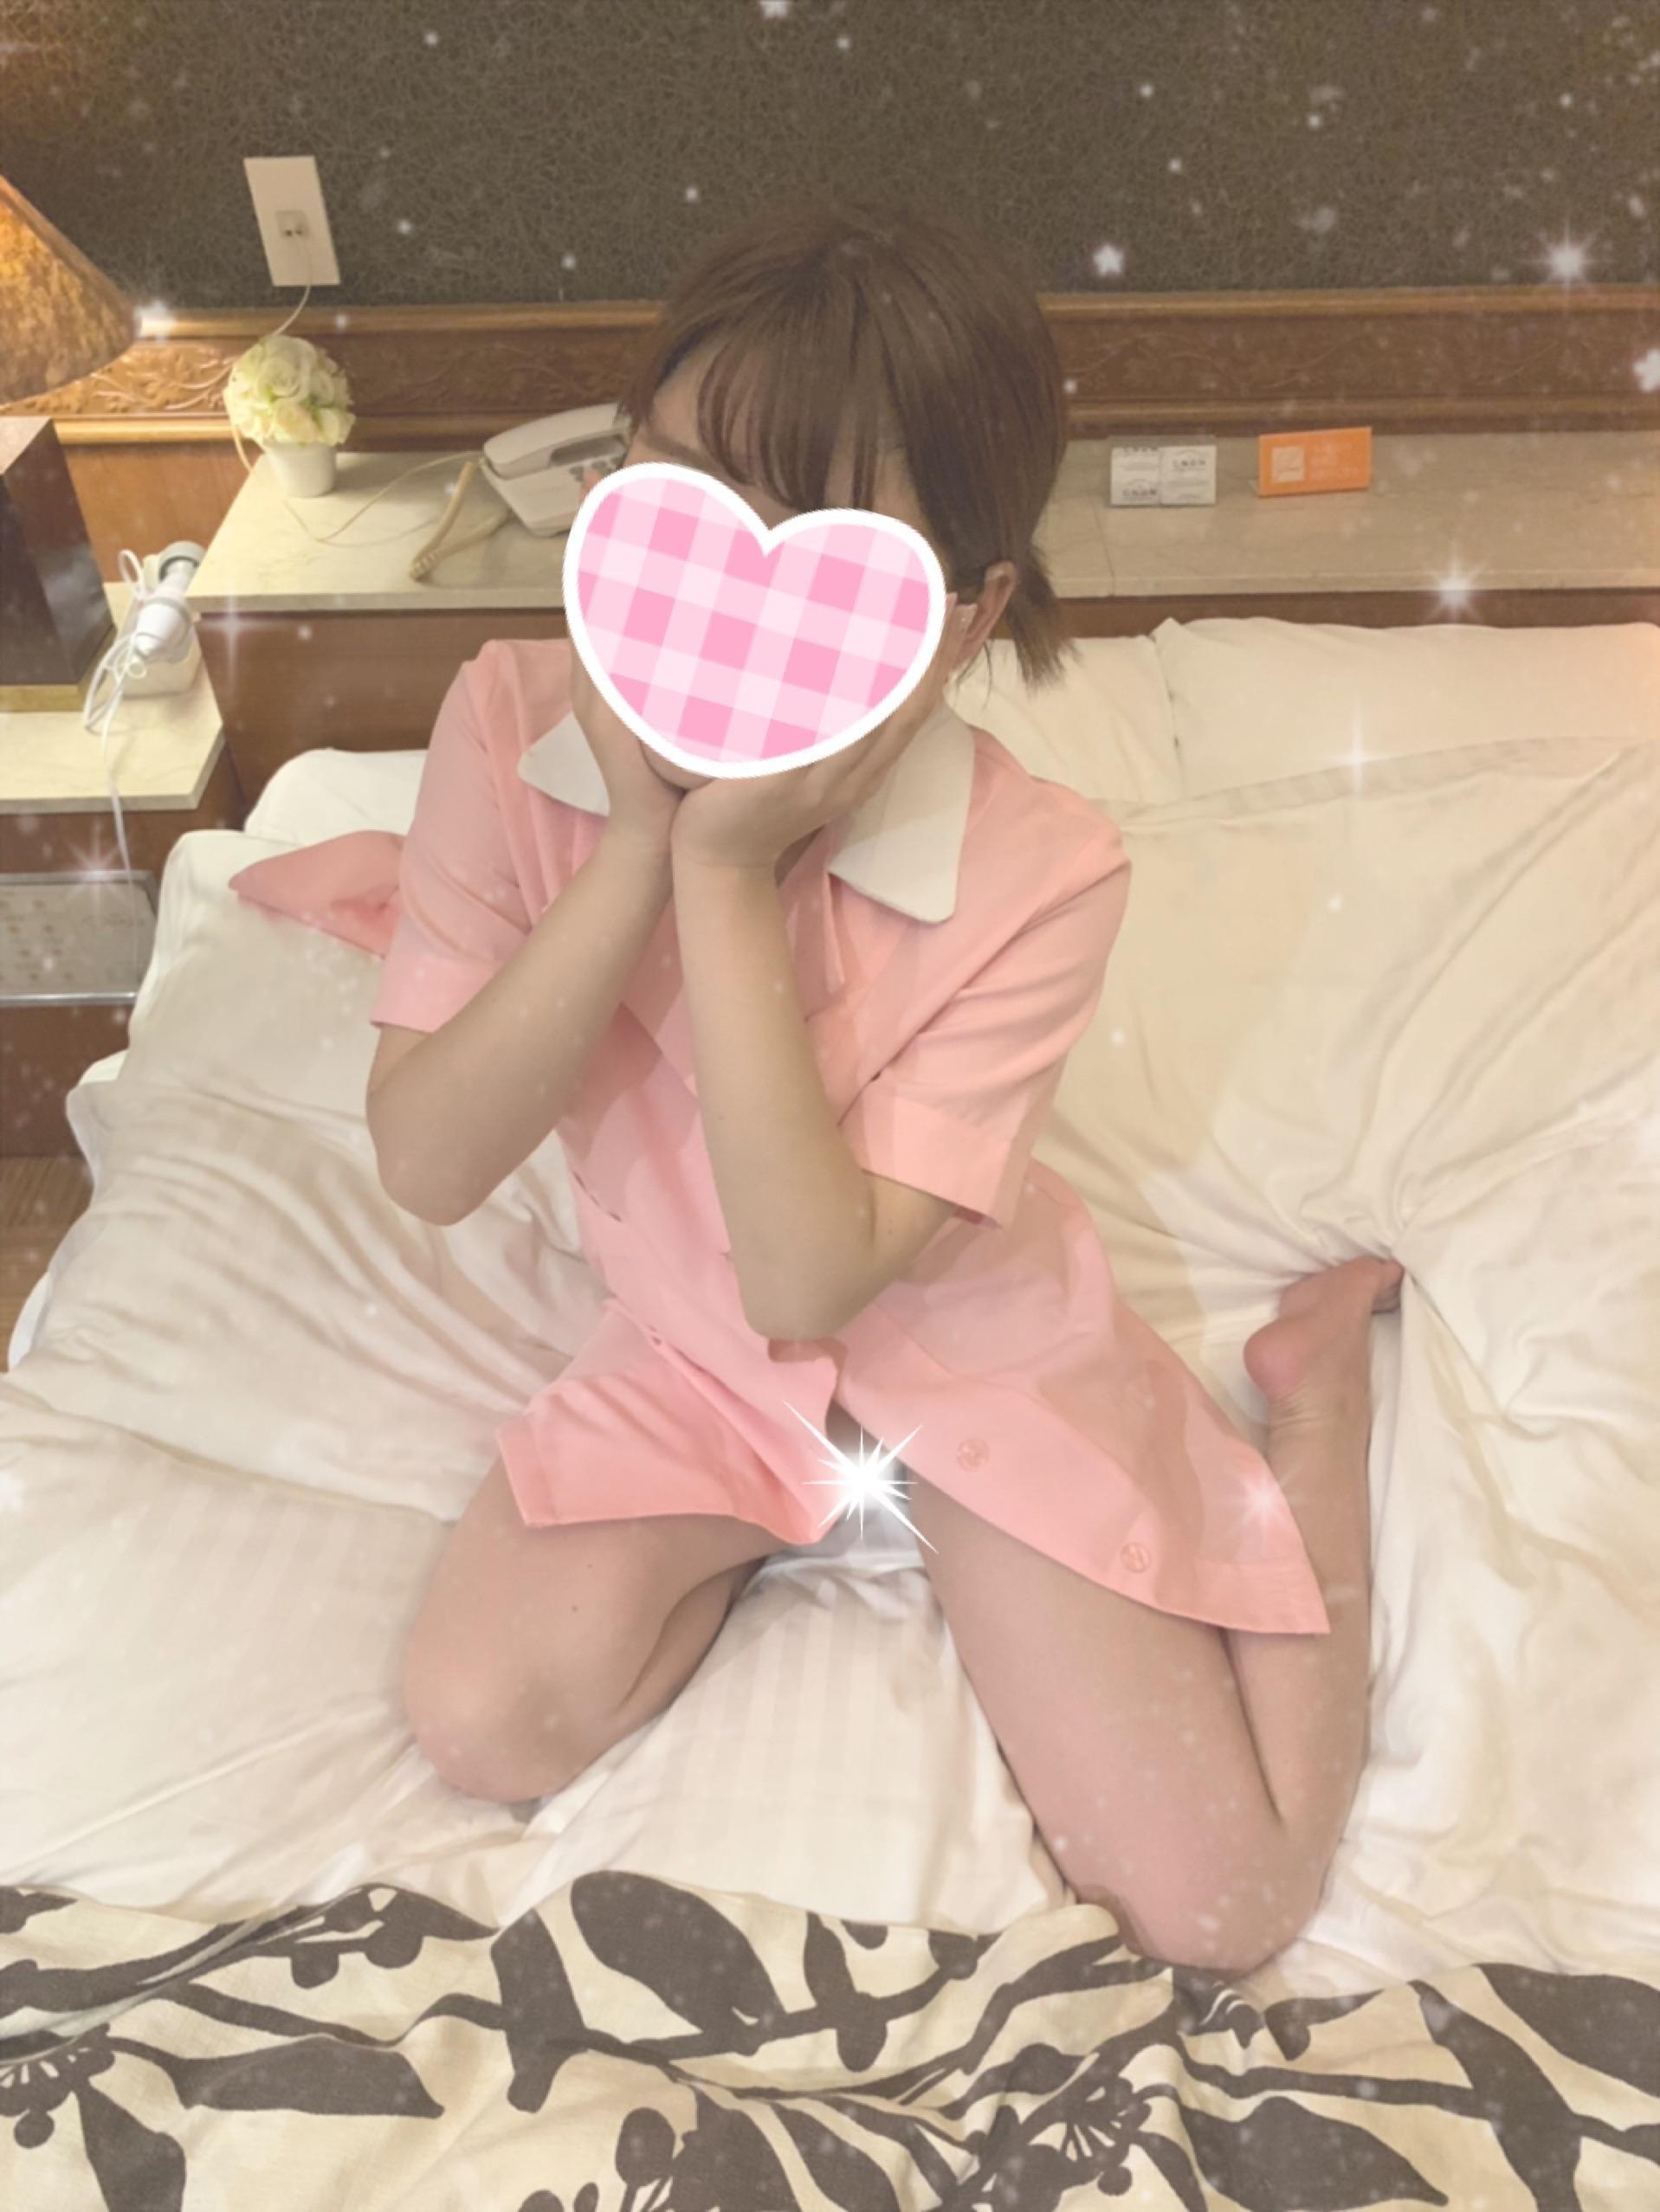 「しゅっきーん!」10/22(10/22) 12:19   モモの写メ・風俗動画